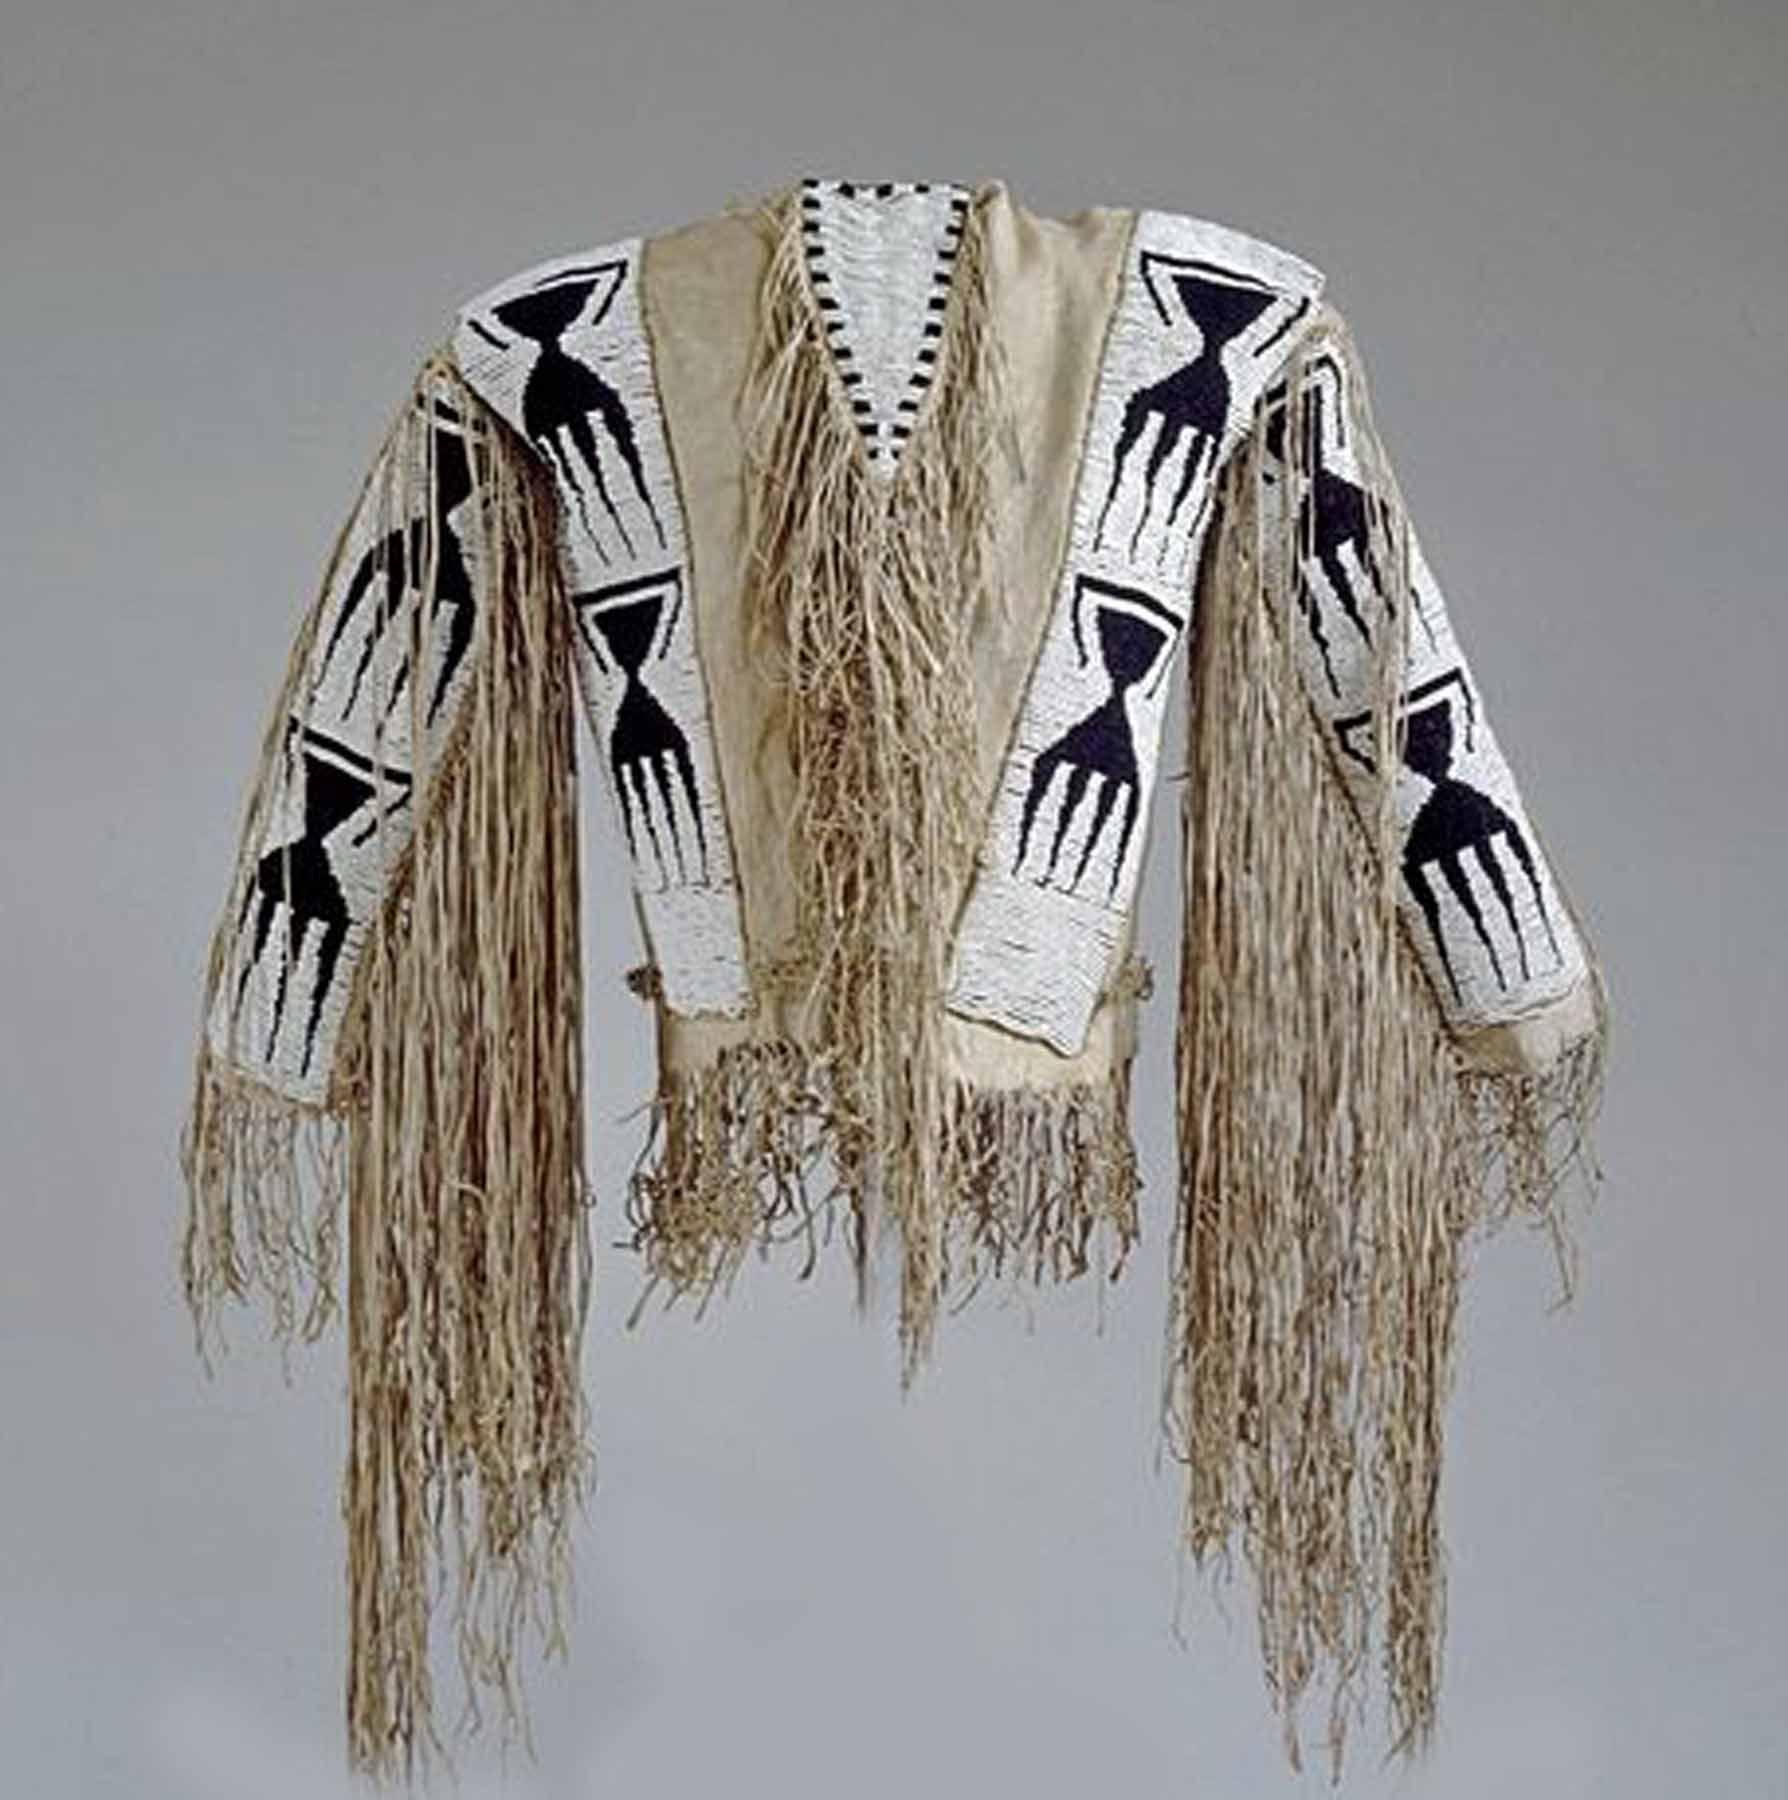 Apache War Shirt in 2020 War shirts, Native american